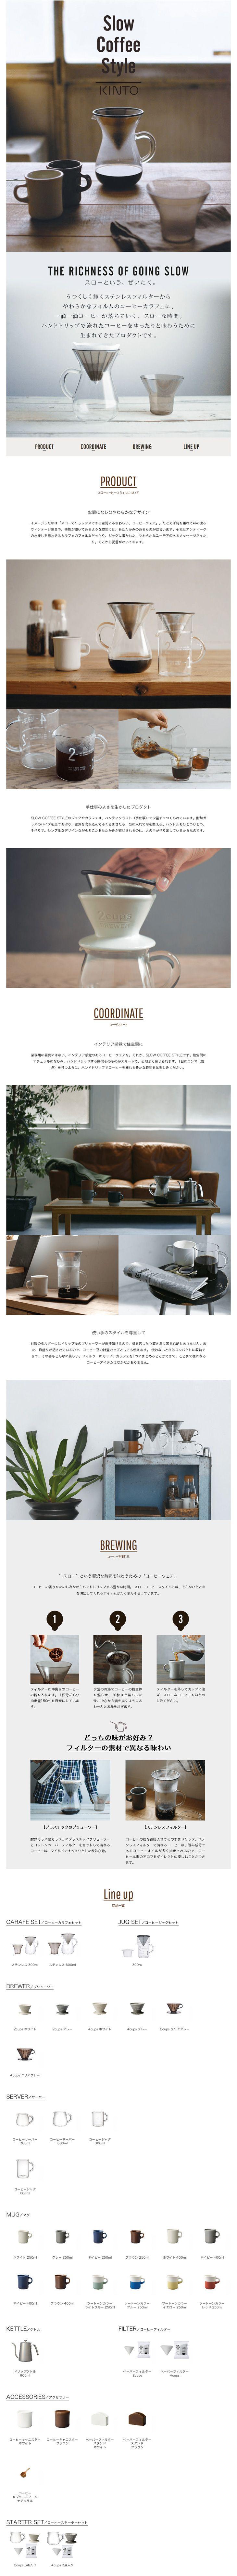 キントー【日用雑貨関連】のLPデザイン。WEBデザイナーさん必見!ランディングページのデザイン参考に(シンプル系)